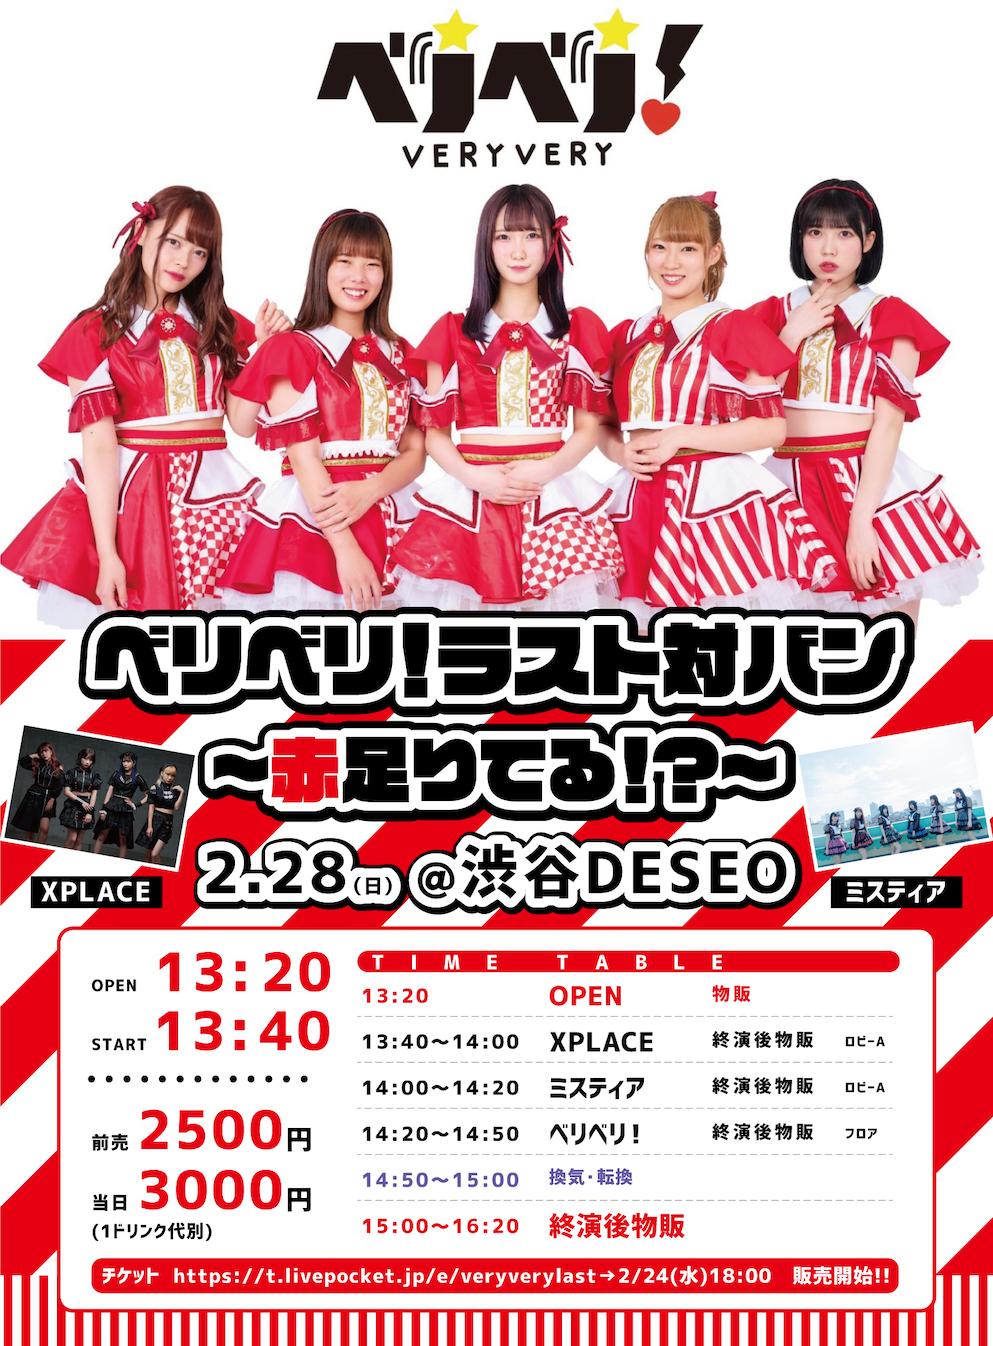 2021/2/28(日)2部 『ベリベリ!ラスト対バン〜赤足りてる!?〜』渋谷DESEO